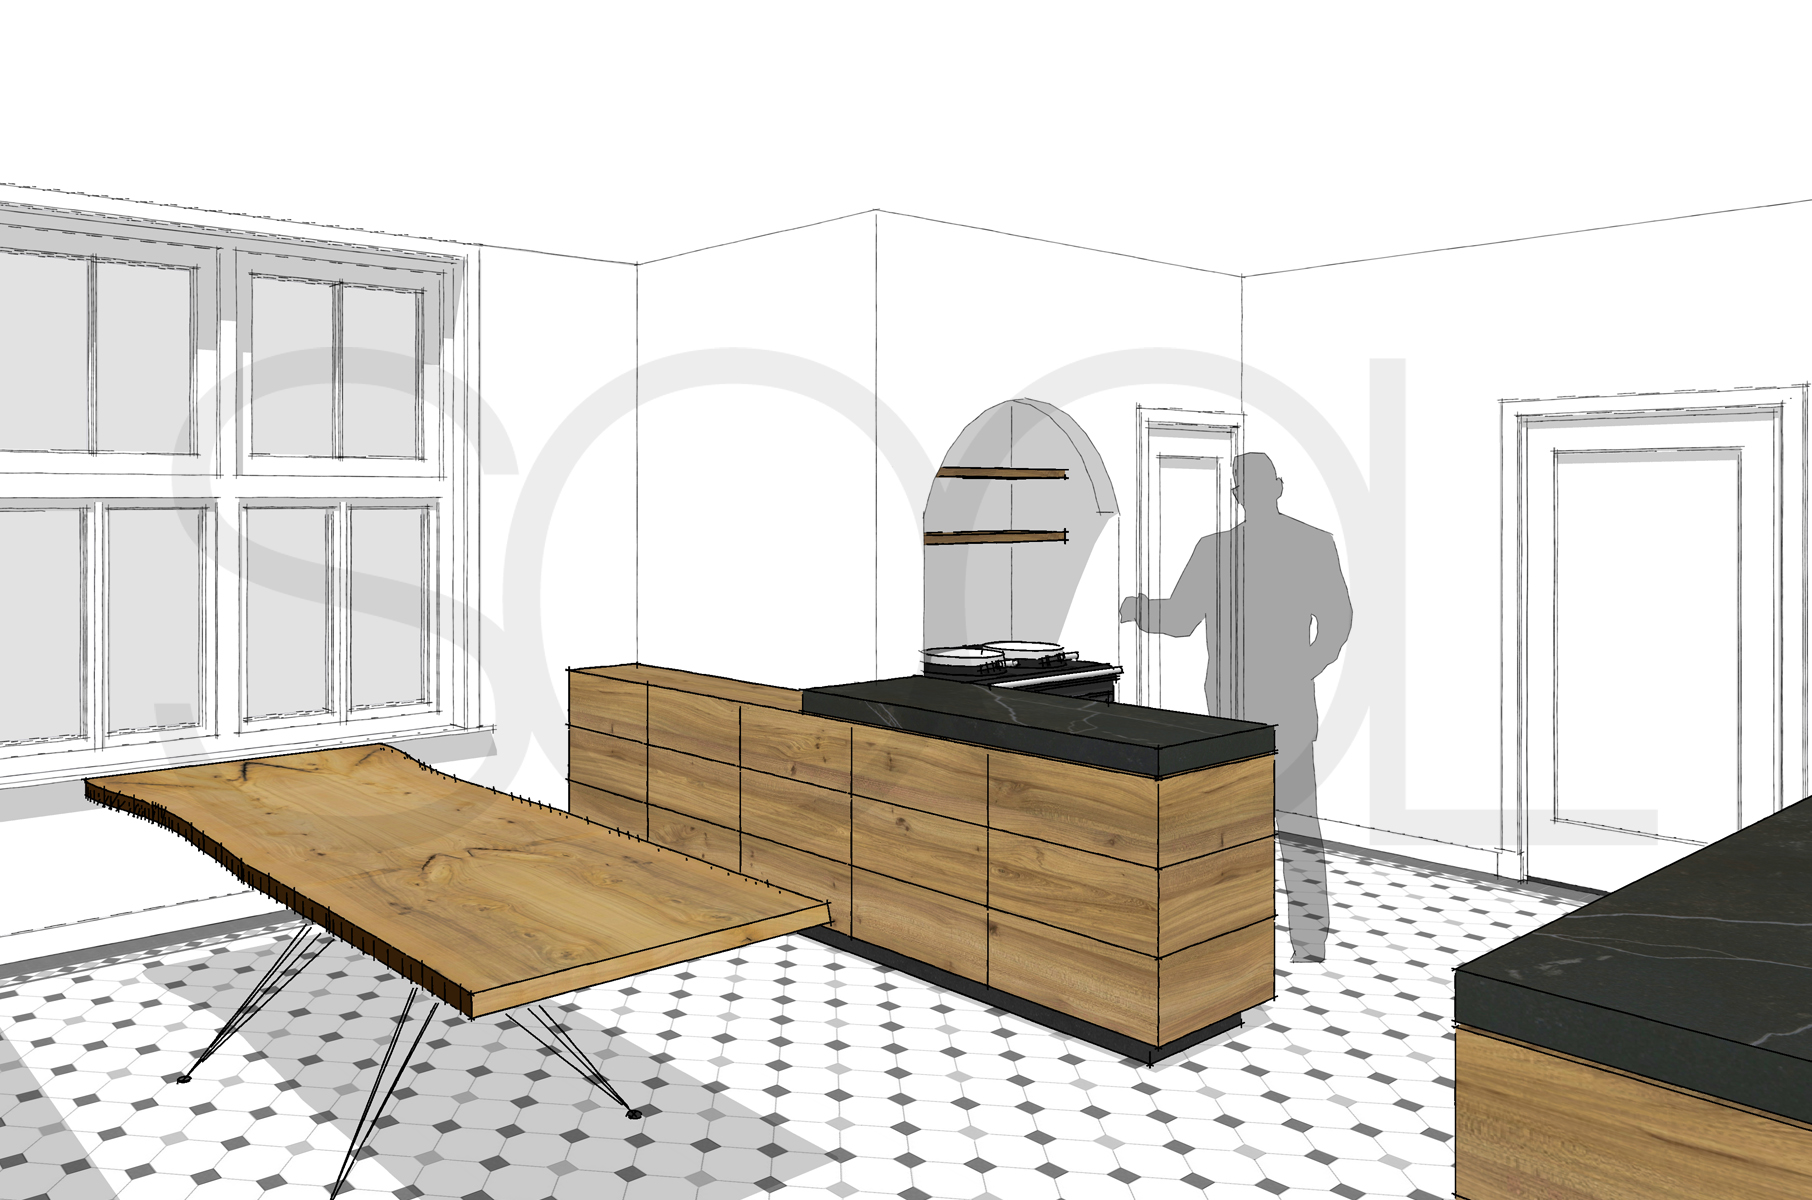 keuken en boomstamtafel van iepenhout te haren